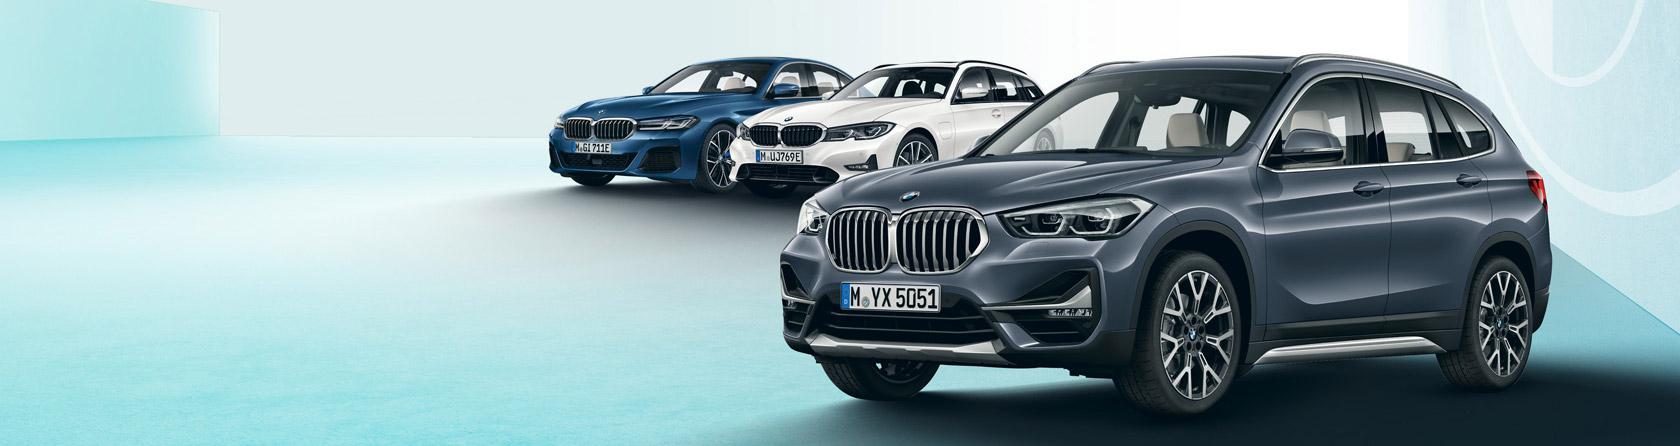 Bachfrieder Junge Gebrauchte von BMW Jahreswagen